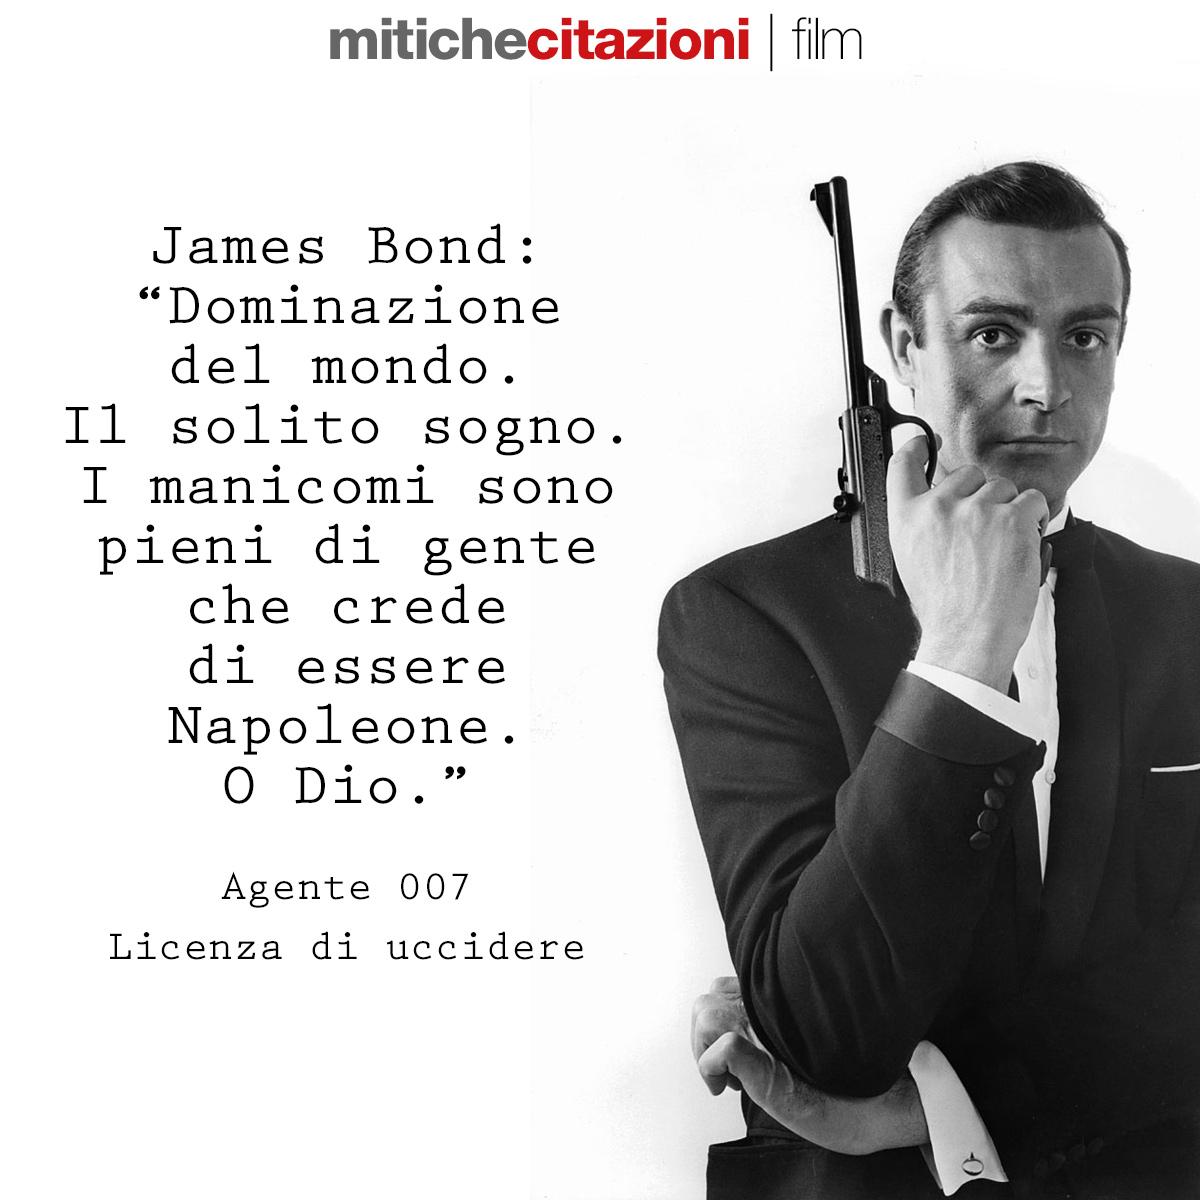 James Bond da Agente 007 Licenza di uccidere